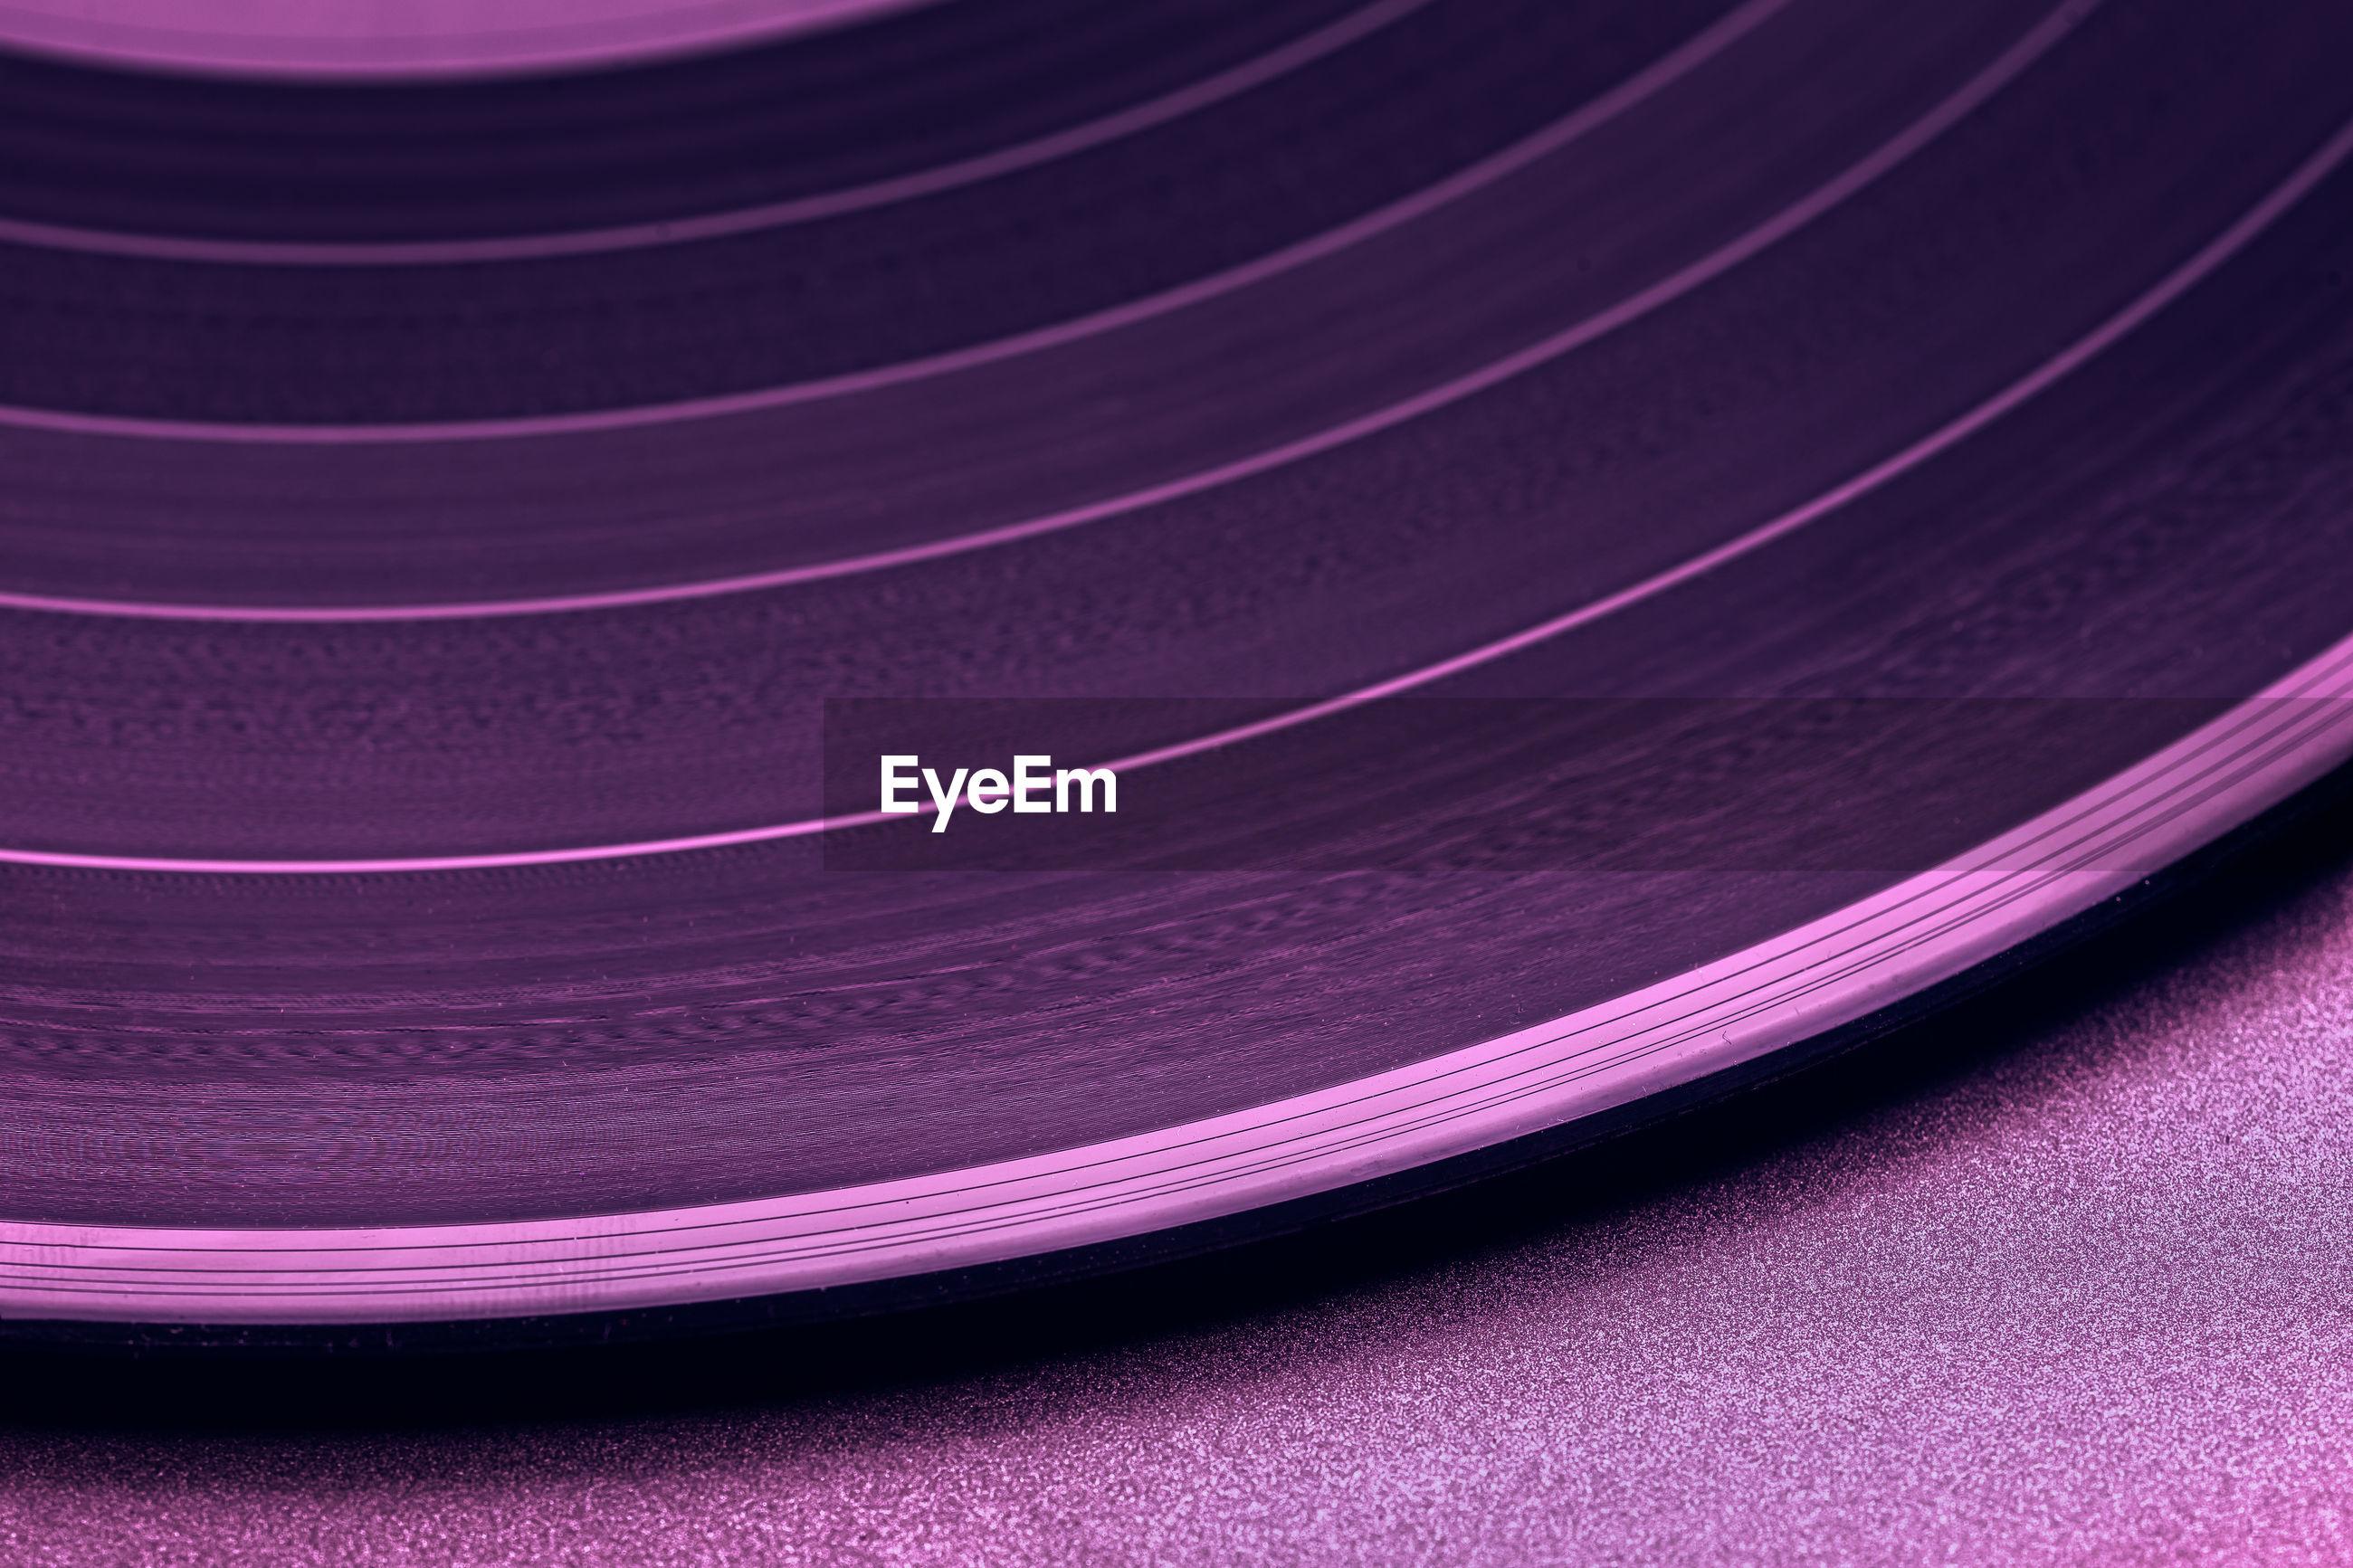 Close-up of purple pattern